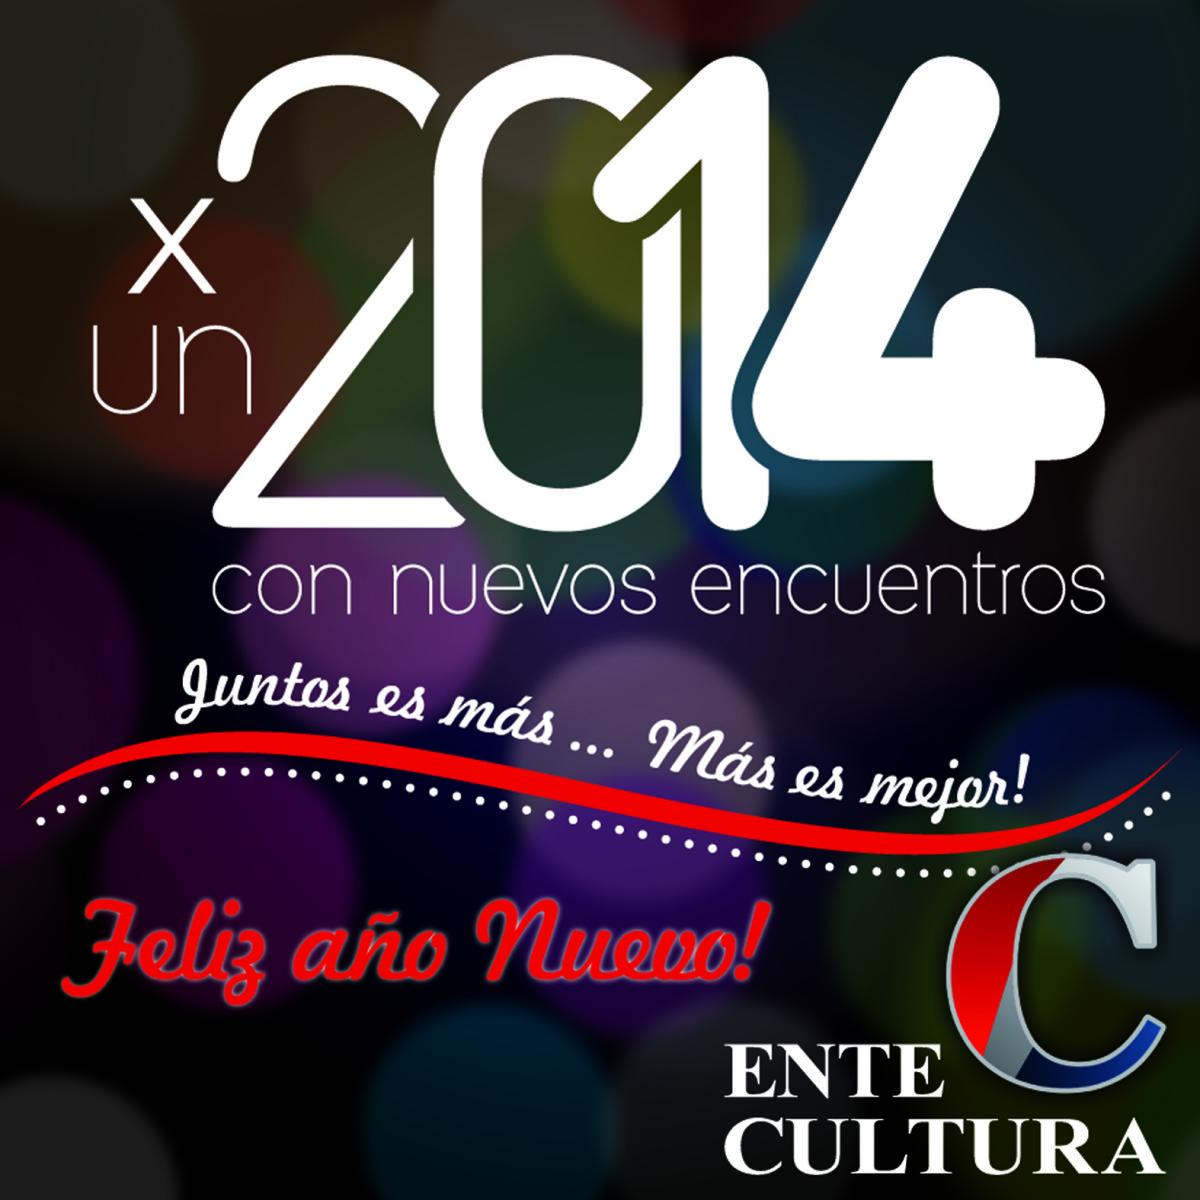 El Ente Cultural Santafesino te desea: ¡Feliz Año Nuevo!